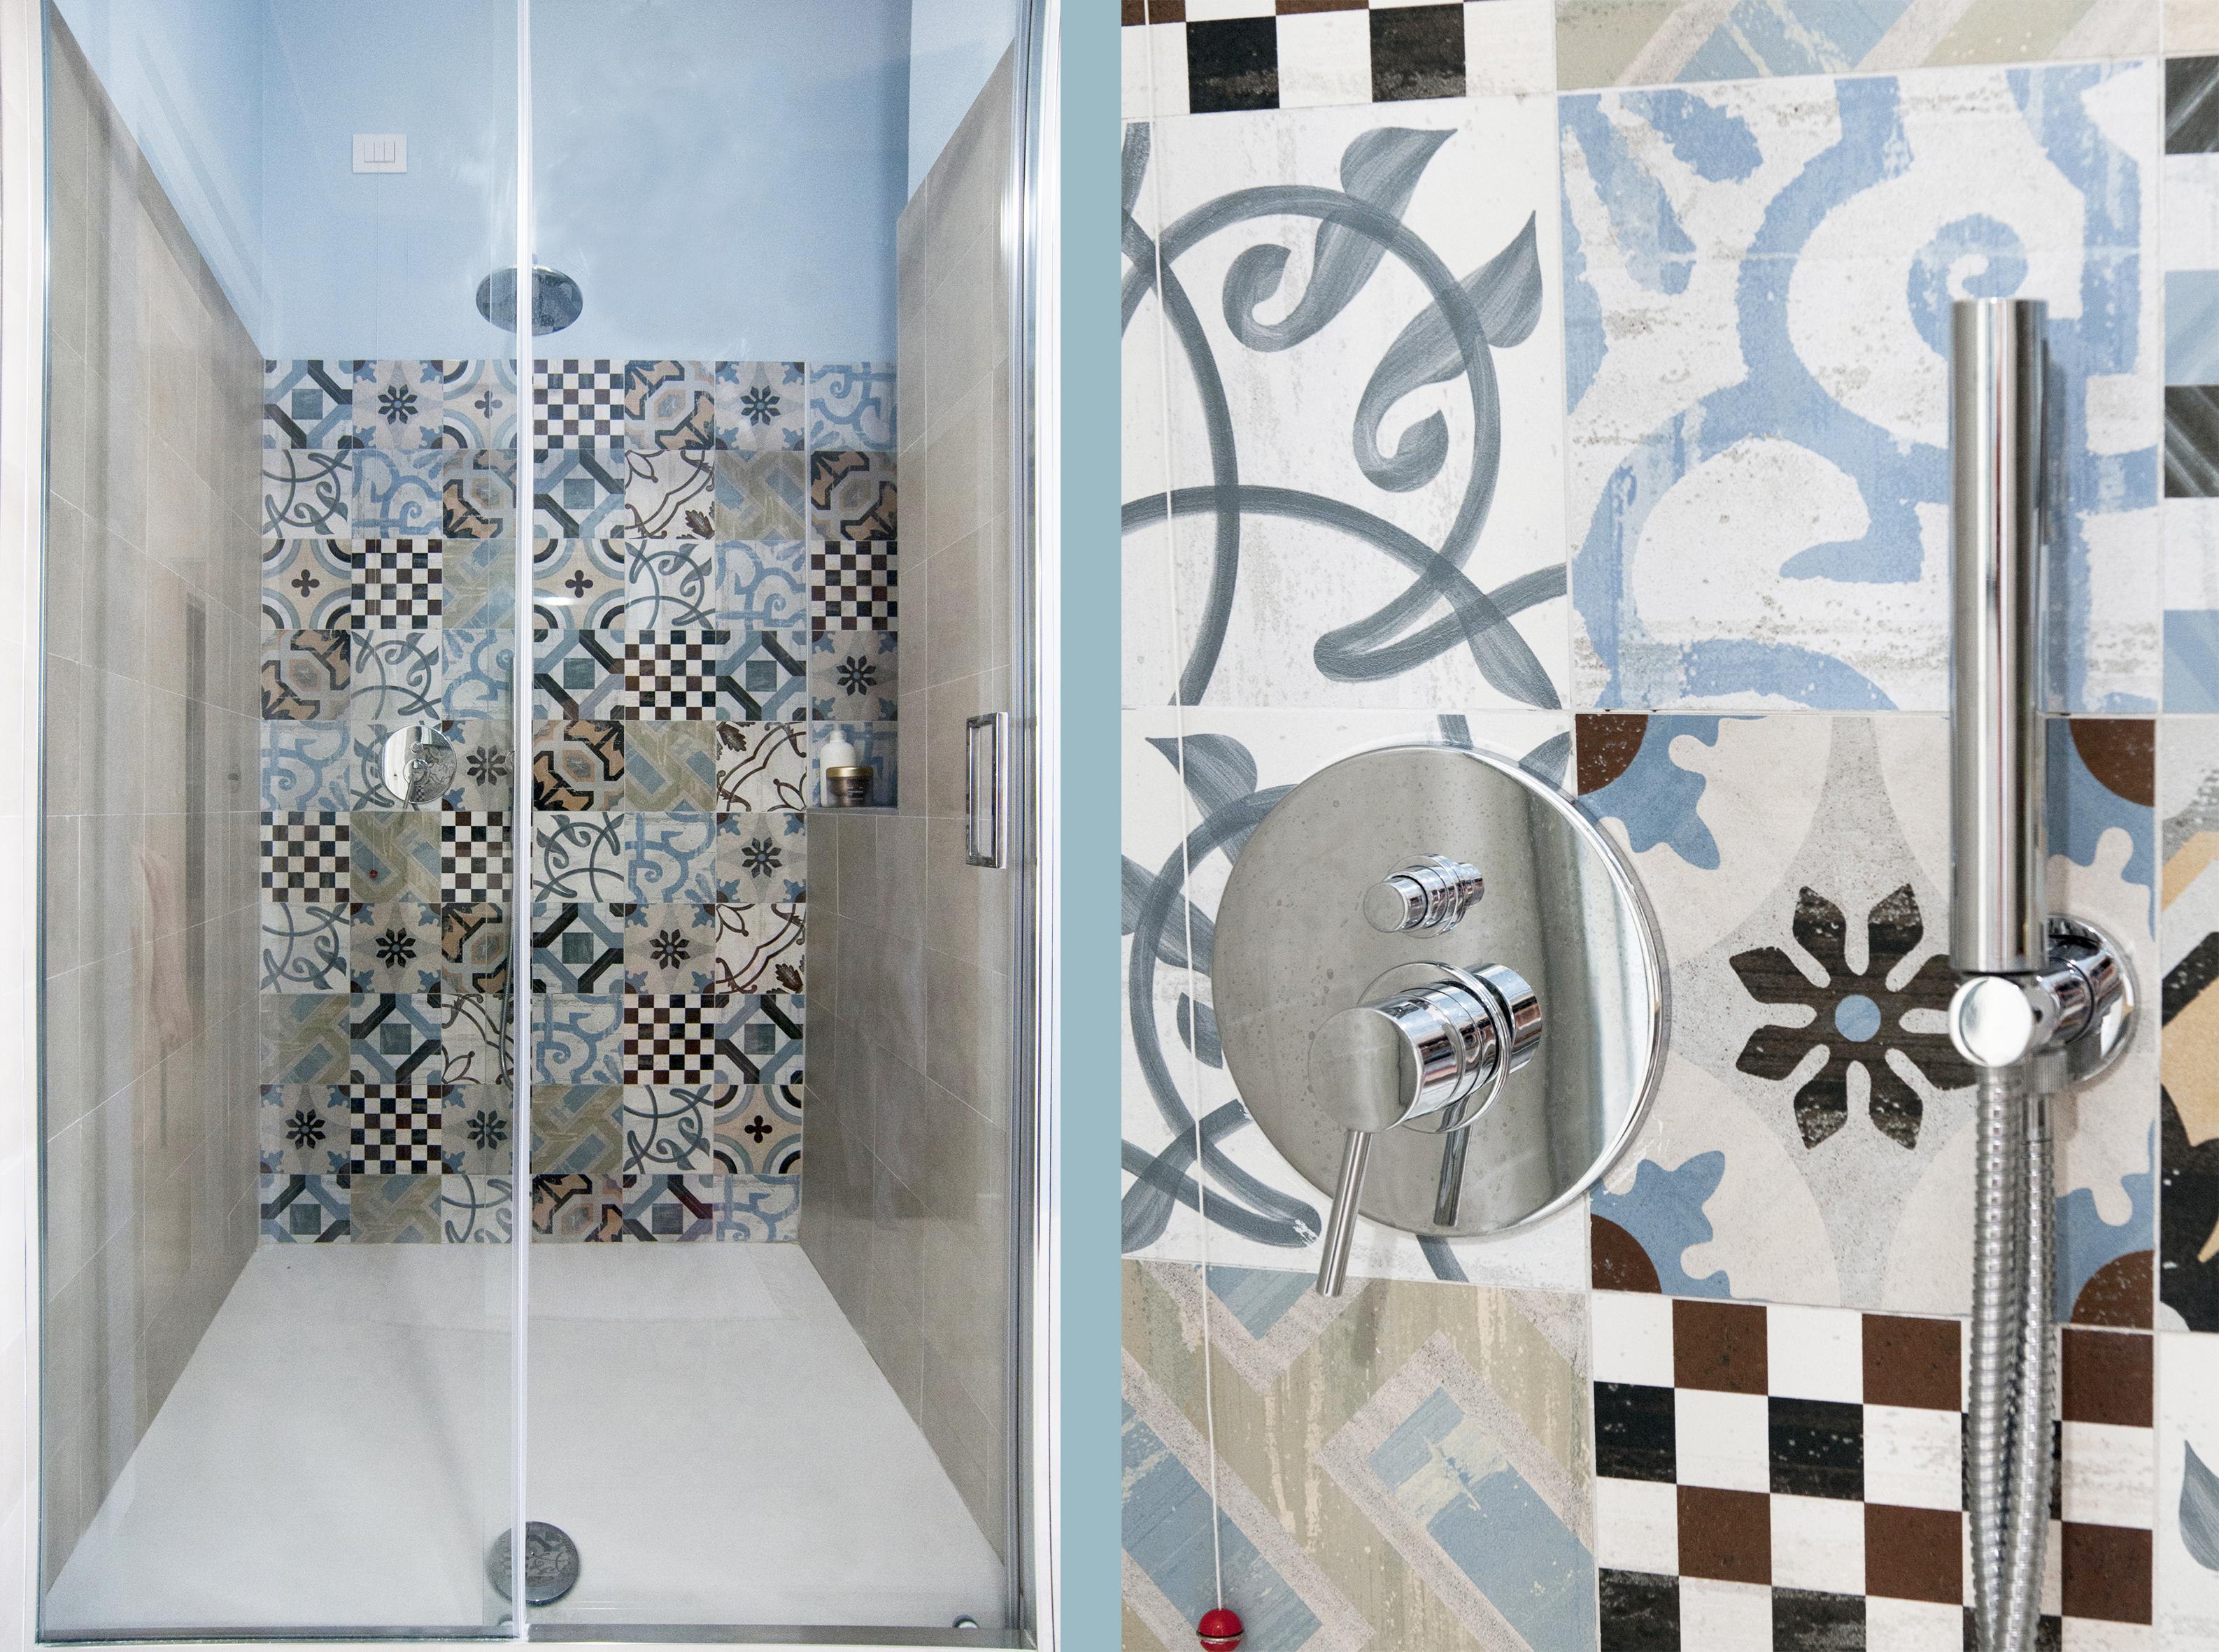 Un bagno in stile eclettico tanti stili in un solo spazio